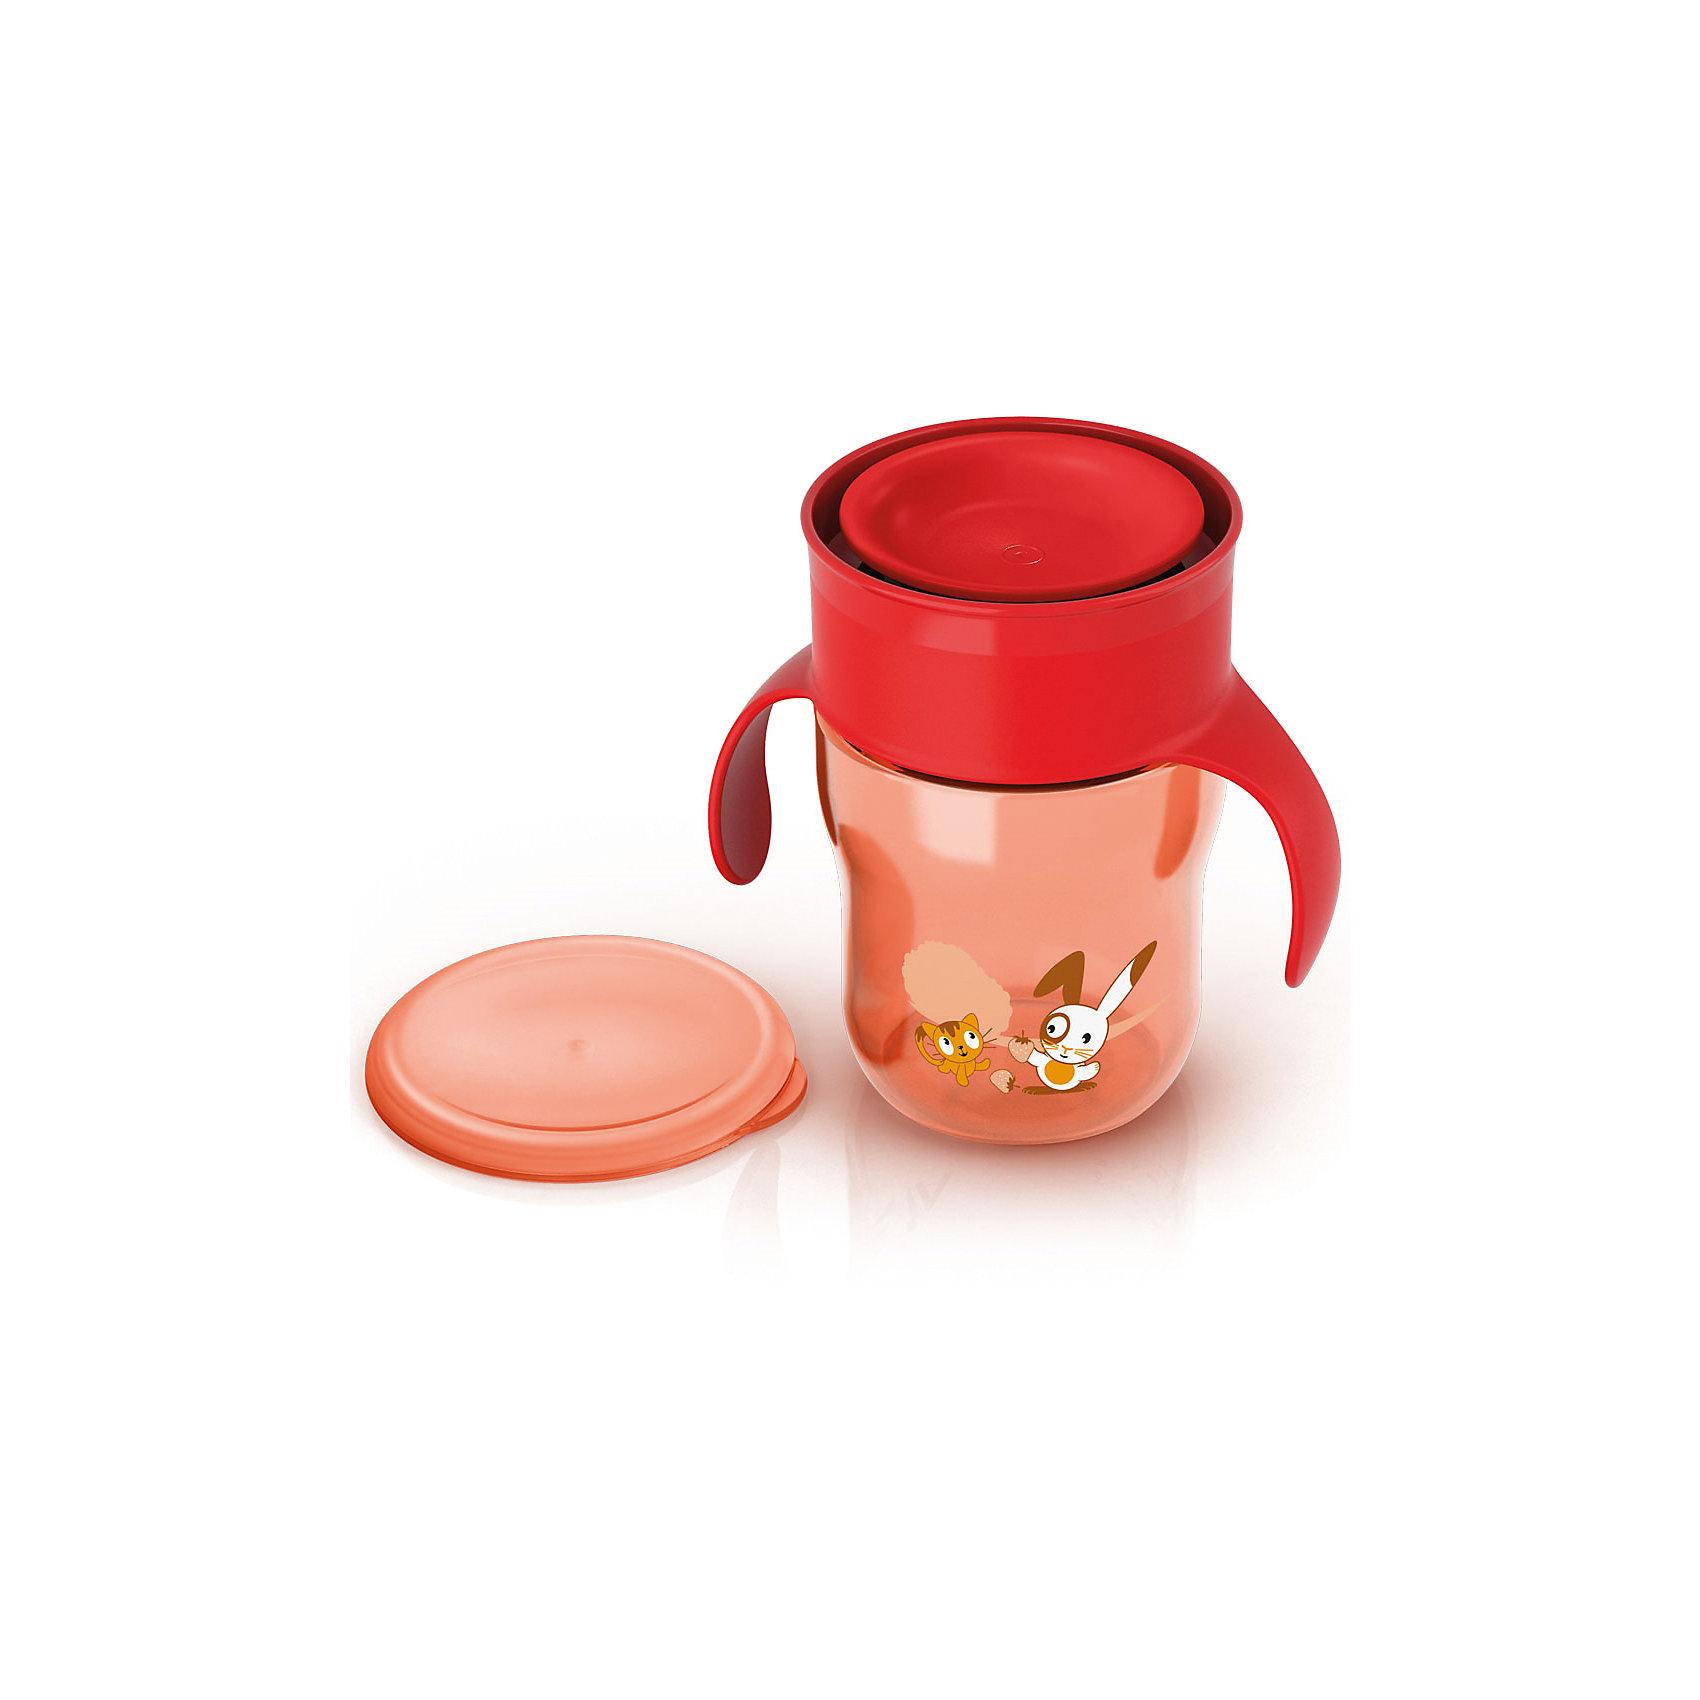 Поильник-чашка , 260мл, AVENT, красныйПоильники<br>Поильник-чашка 260мл - инновационная чашка от Philips AVENT (Авент), которая поможет Вашему малышу легко и играючи перейти на использование обычной чашки без носика и трубочки. Кроме того, кружка-поильник удобна для использования в любом транспорте и позволит сохранить в чистоте одежду малыша и салон автомобиля.<br>Уникальный клапан с защитой от протекания — передовое решение, специально разработанное экспертами Philips AVENT (Авент). Клапан реагирует на прикосновение губ, обеспечивая удобство питья для ребенка и исключая проливание напитка.<br>Обучающие ручки приучают малыша держать чашку и пить без посторонней помощи.<br>Дополнительная информация:<br>- В  комплекте кружка-поильник с защитным клапаном и обучающими ручками, крышка - 1 шт.<br>- Клапан с быстрым потоком позволяет малышу пить, не прилагая лишних усилий, не всасывая жидкость. Идеально для малышей старше года.<br>- Не содержит бисфенол-А.<br>- Можно мыть в посудомоечной машине.<br>- Кружка-поильник не предназначена для приготовления пищи, а также  для горячих и шипучих напитков.<br>Поильник-чашку , 260мл, AVENT в красном цвете можно купить в нашем интернет-магазине.<br><br>Ширина мм: 150<br>Глубина мм: 70<br>Высота мм: 70<br>Вес г: 250<br>Цвет: красный<br>Возраст от месяцев: 6<br>Возраст до месяцев: 24<br>Пол: Унисекс<br>Возраст: Детский<br>SKU: 2635890